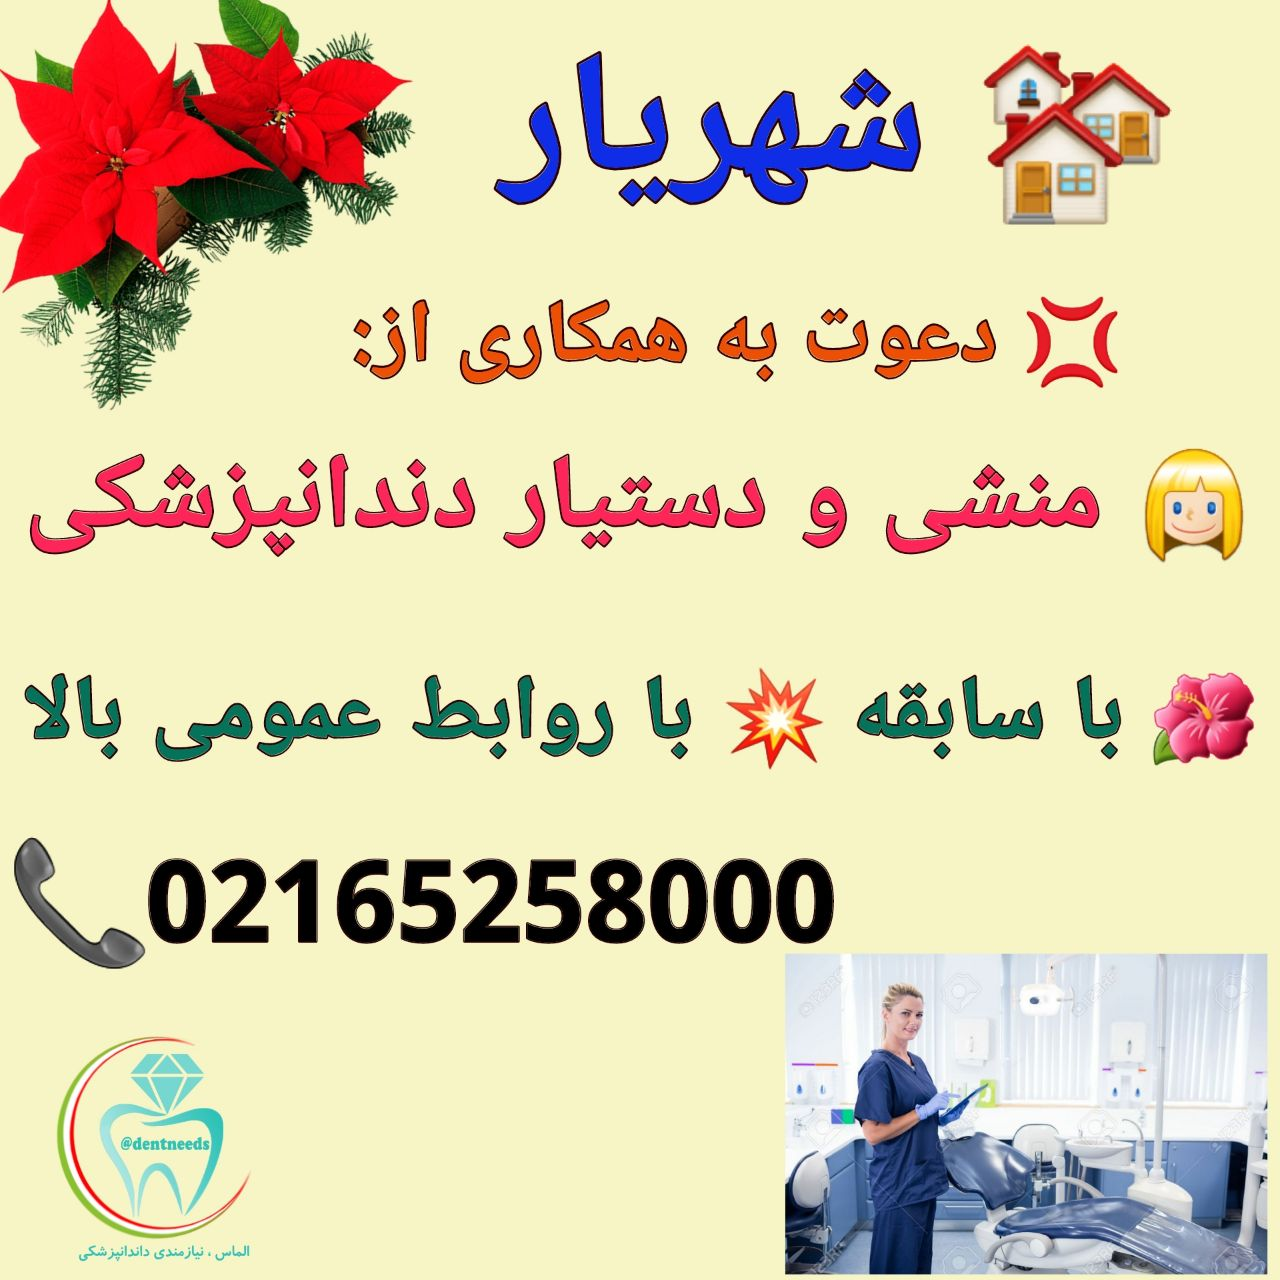 شهریار، دعوت به همکاری منشی و دستیار دندانپزشکی